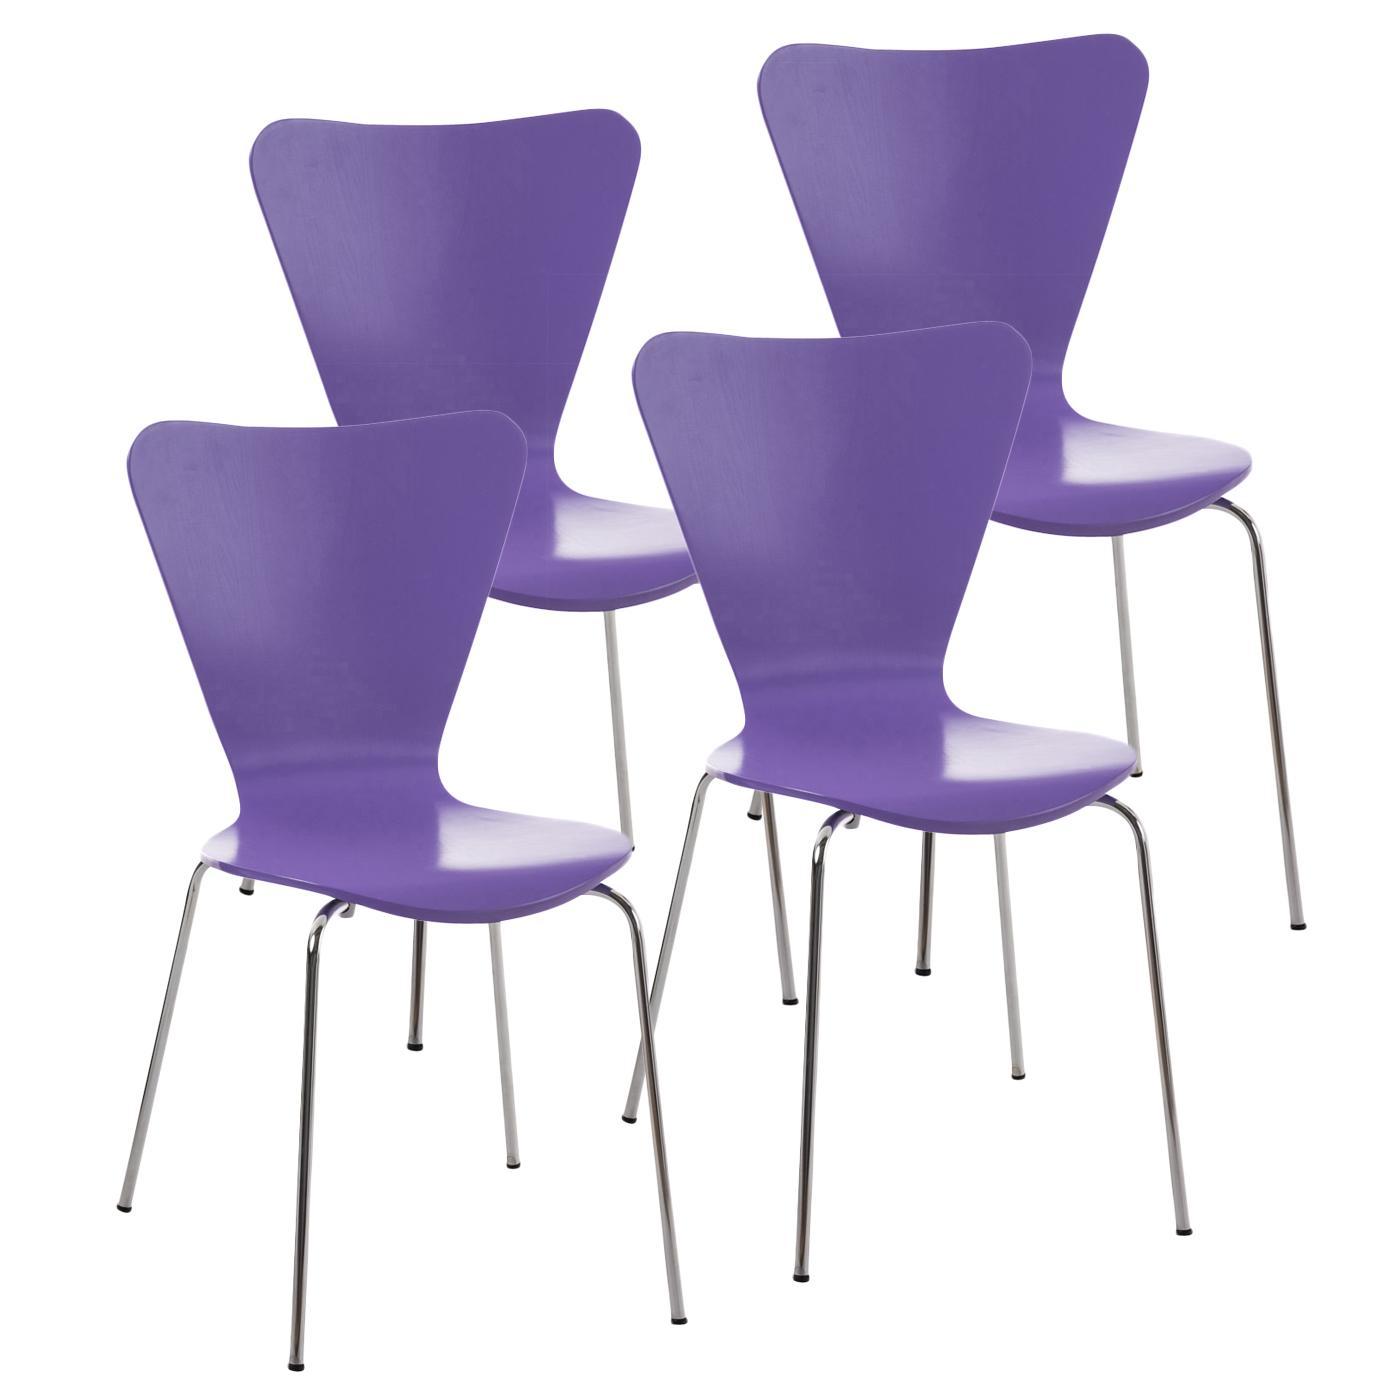 Lote 4 sillas de cocina o comedor lerma en morado lote 4 for Sillas para quincho apilables